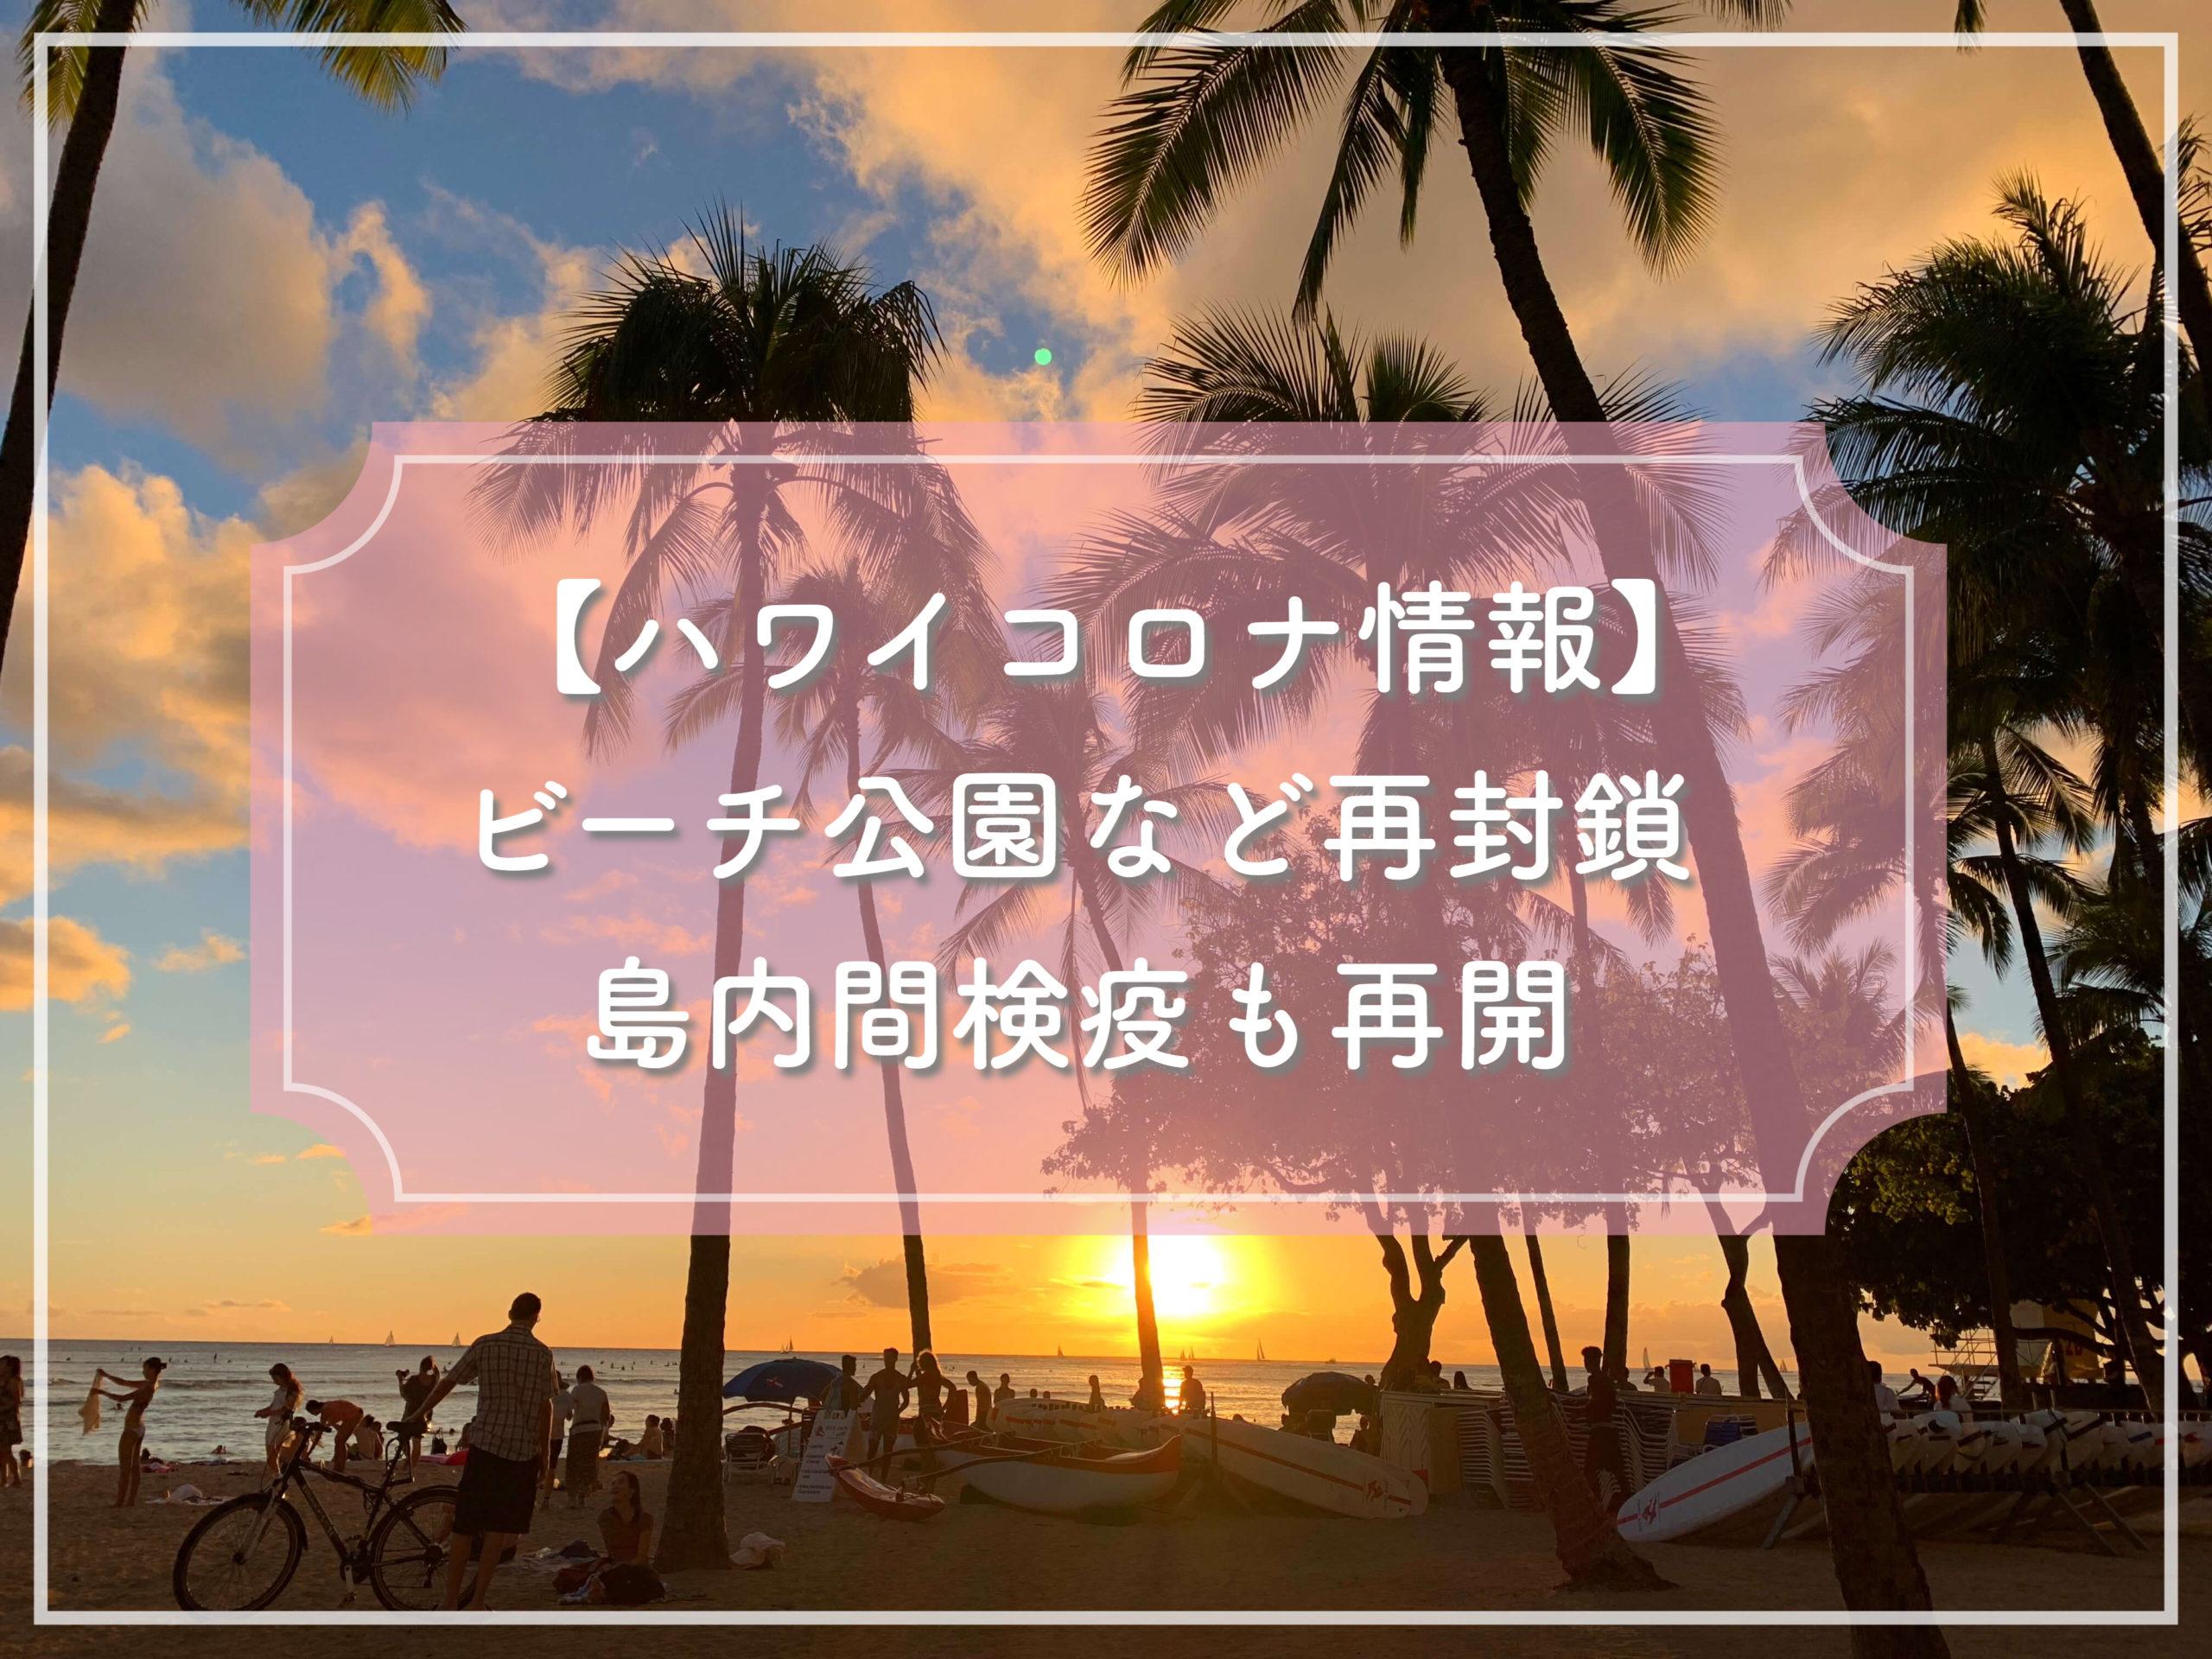 【ハワイコロナ情報】ビーチ・公園など再封鎖 島内間検疫も再開